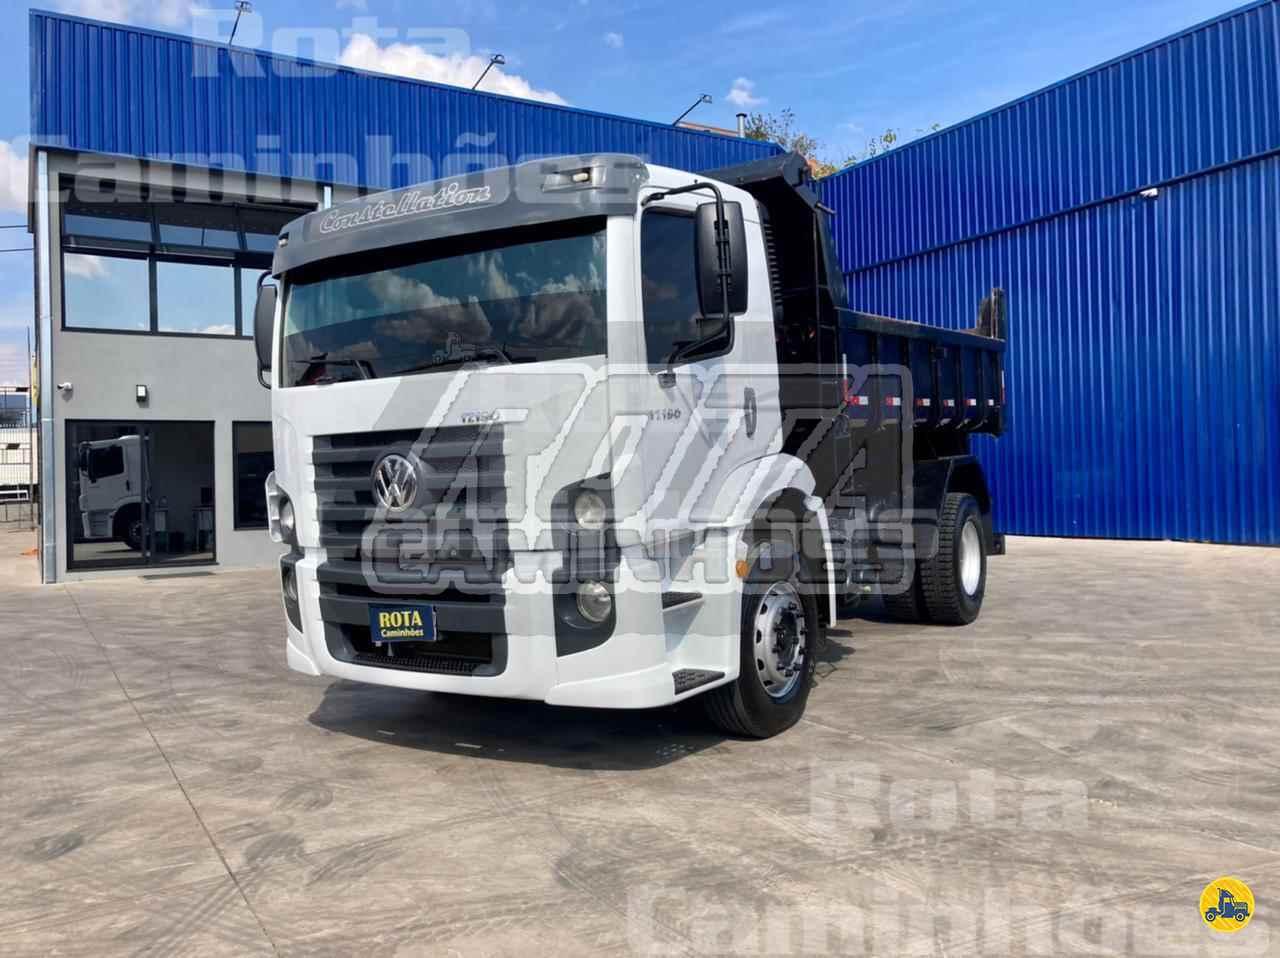 CAMINHAO VOLKSWAGEN VW 17190 Caçamba Basculante Toco 4x2 Rota Caminhões SUMARE SÃO PAULO SP